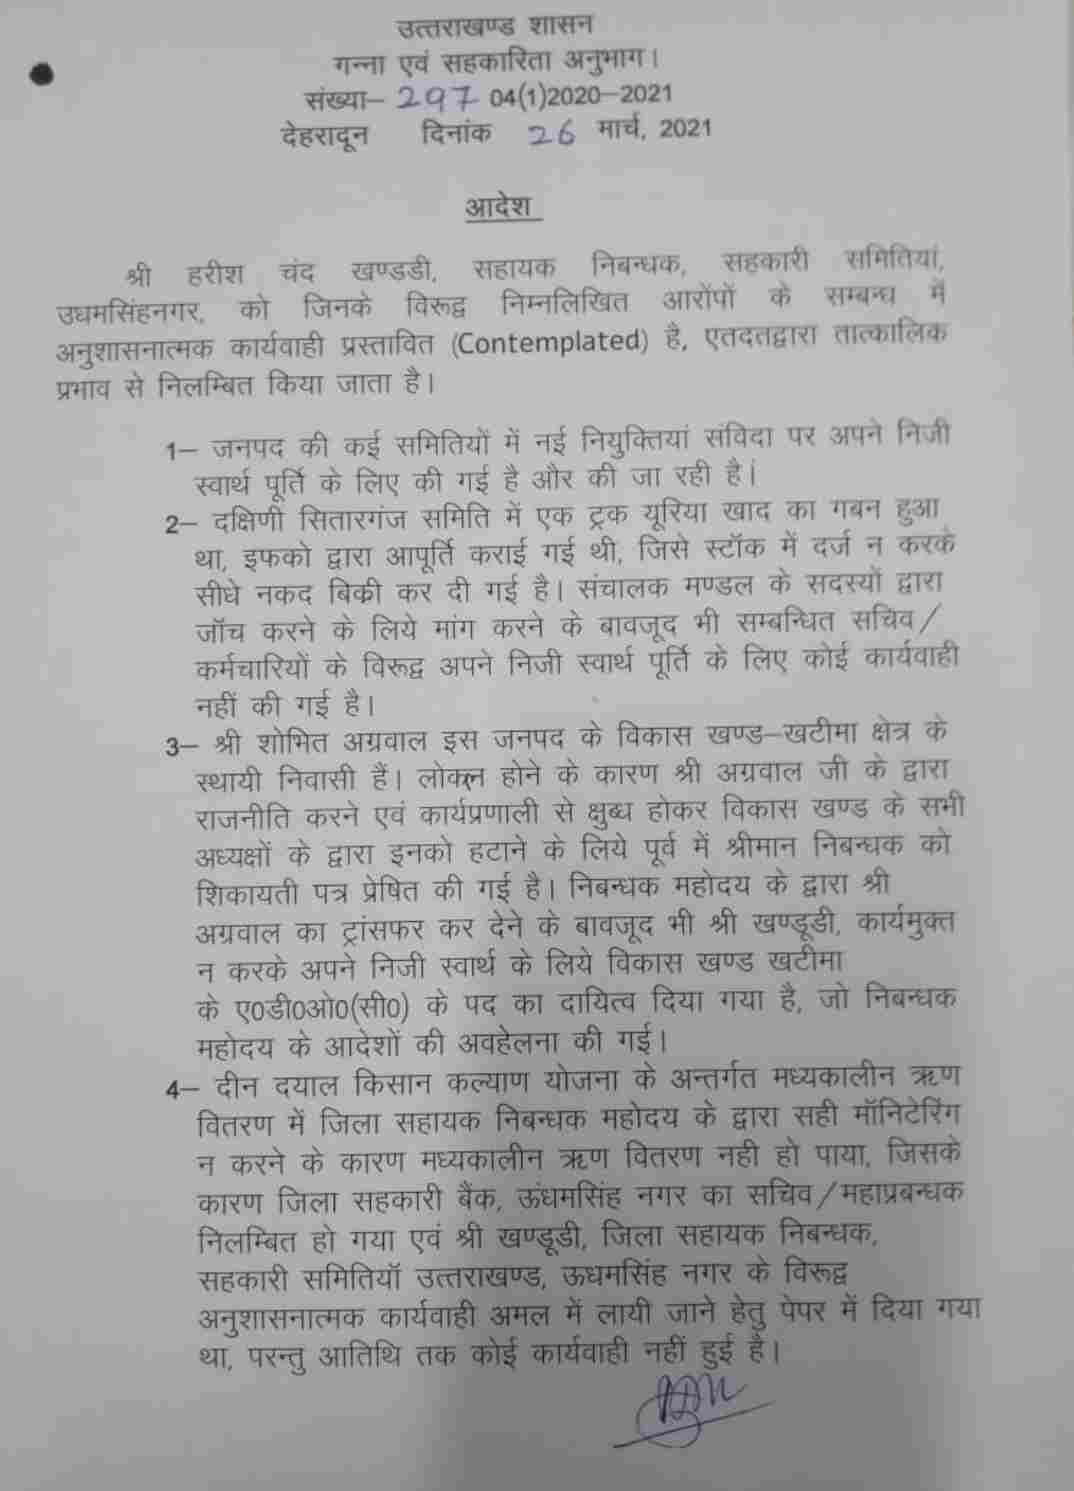 मुख्यमंत्री तीरथ सिंह रावत फिर एक्शन मोड़ में, सहायक निबंधक हरीशचंद्र खण्डूड़ी आरोपों को चलते निलम्बित 2